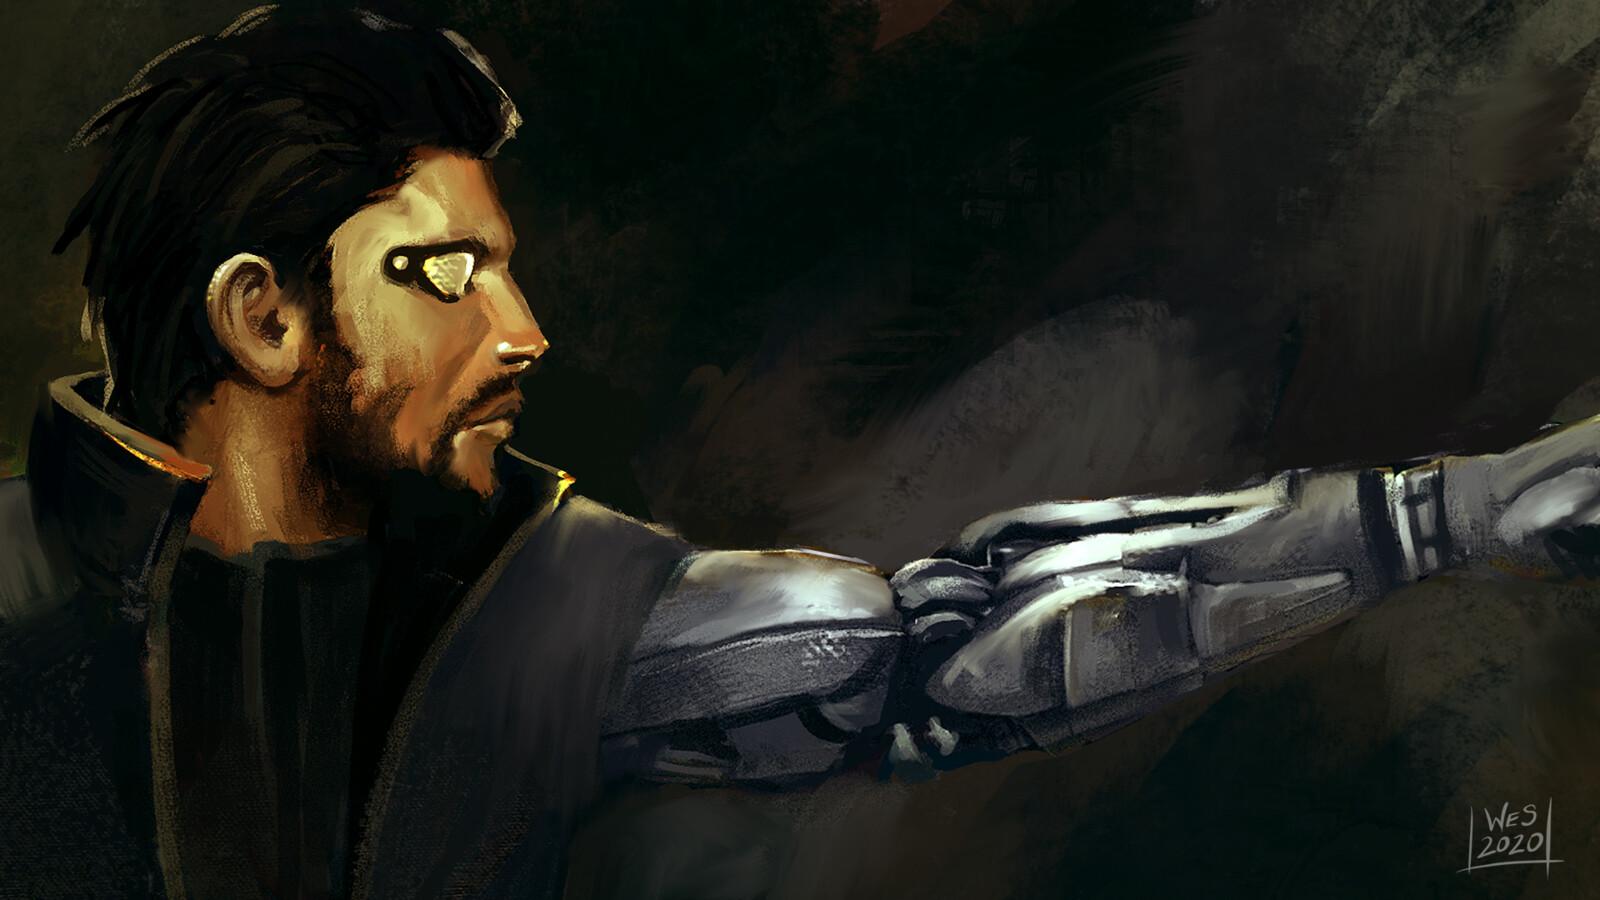 Deus Ex Fan Art (2020 Redux)